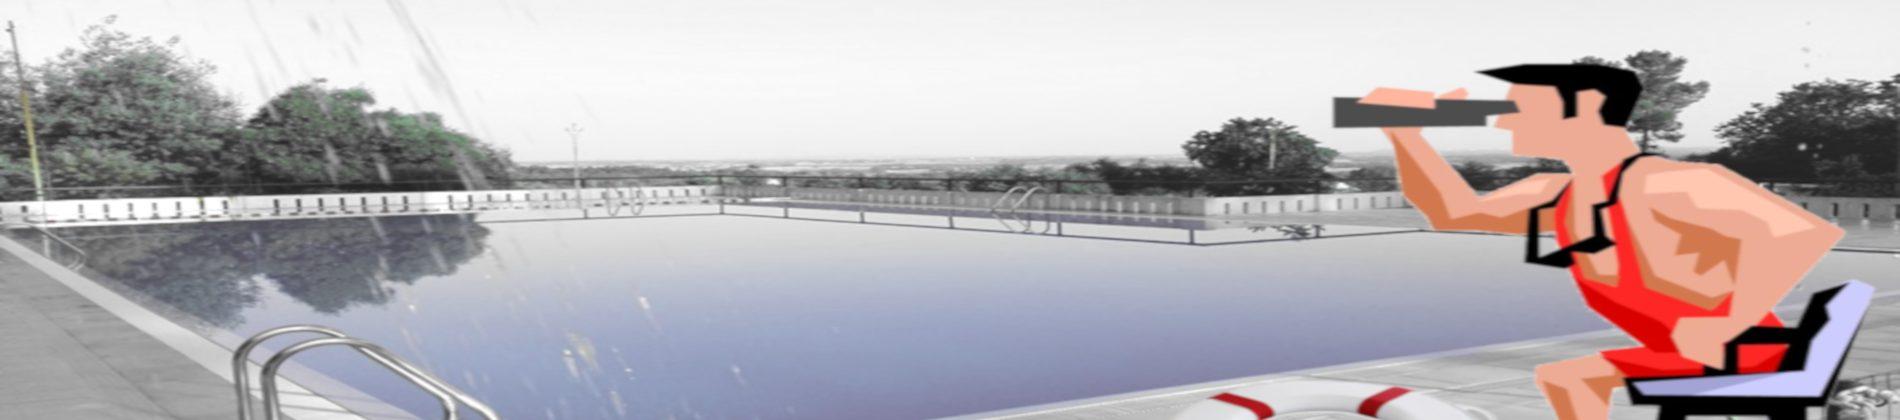 Admissão de Pessoal para a Piscina de S. Fiel – Louriçal do Campo – 2021